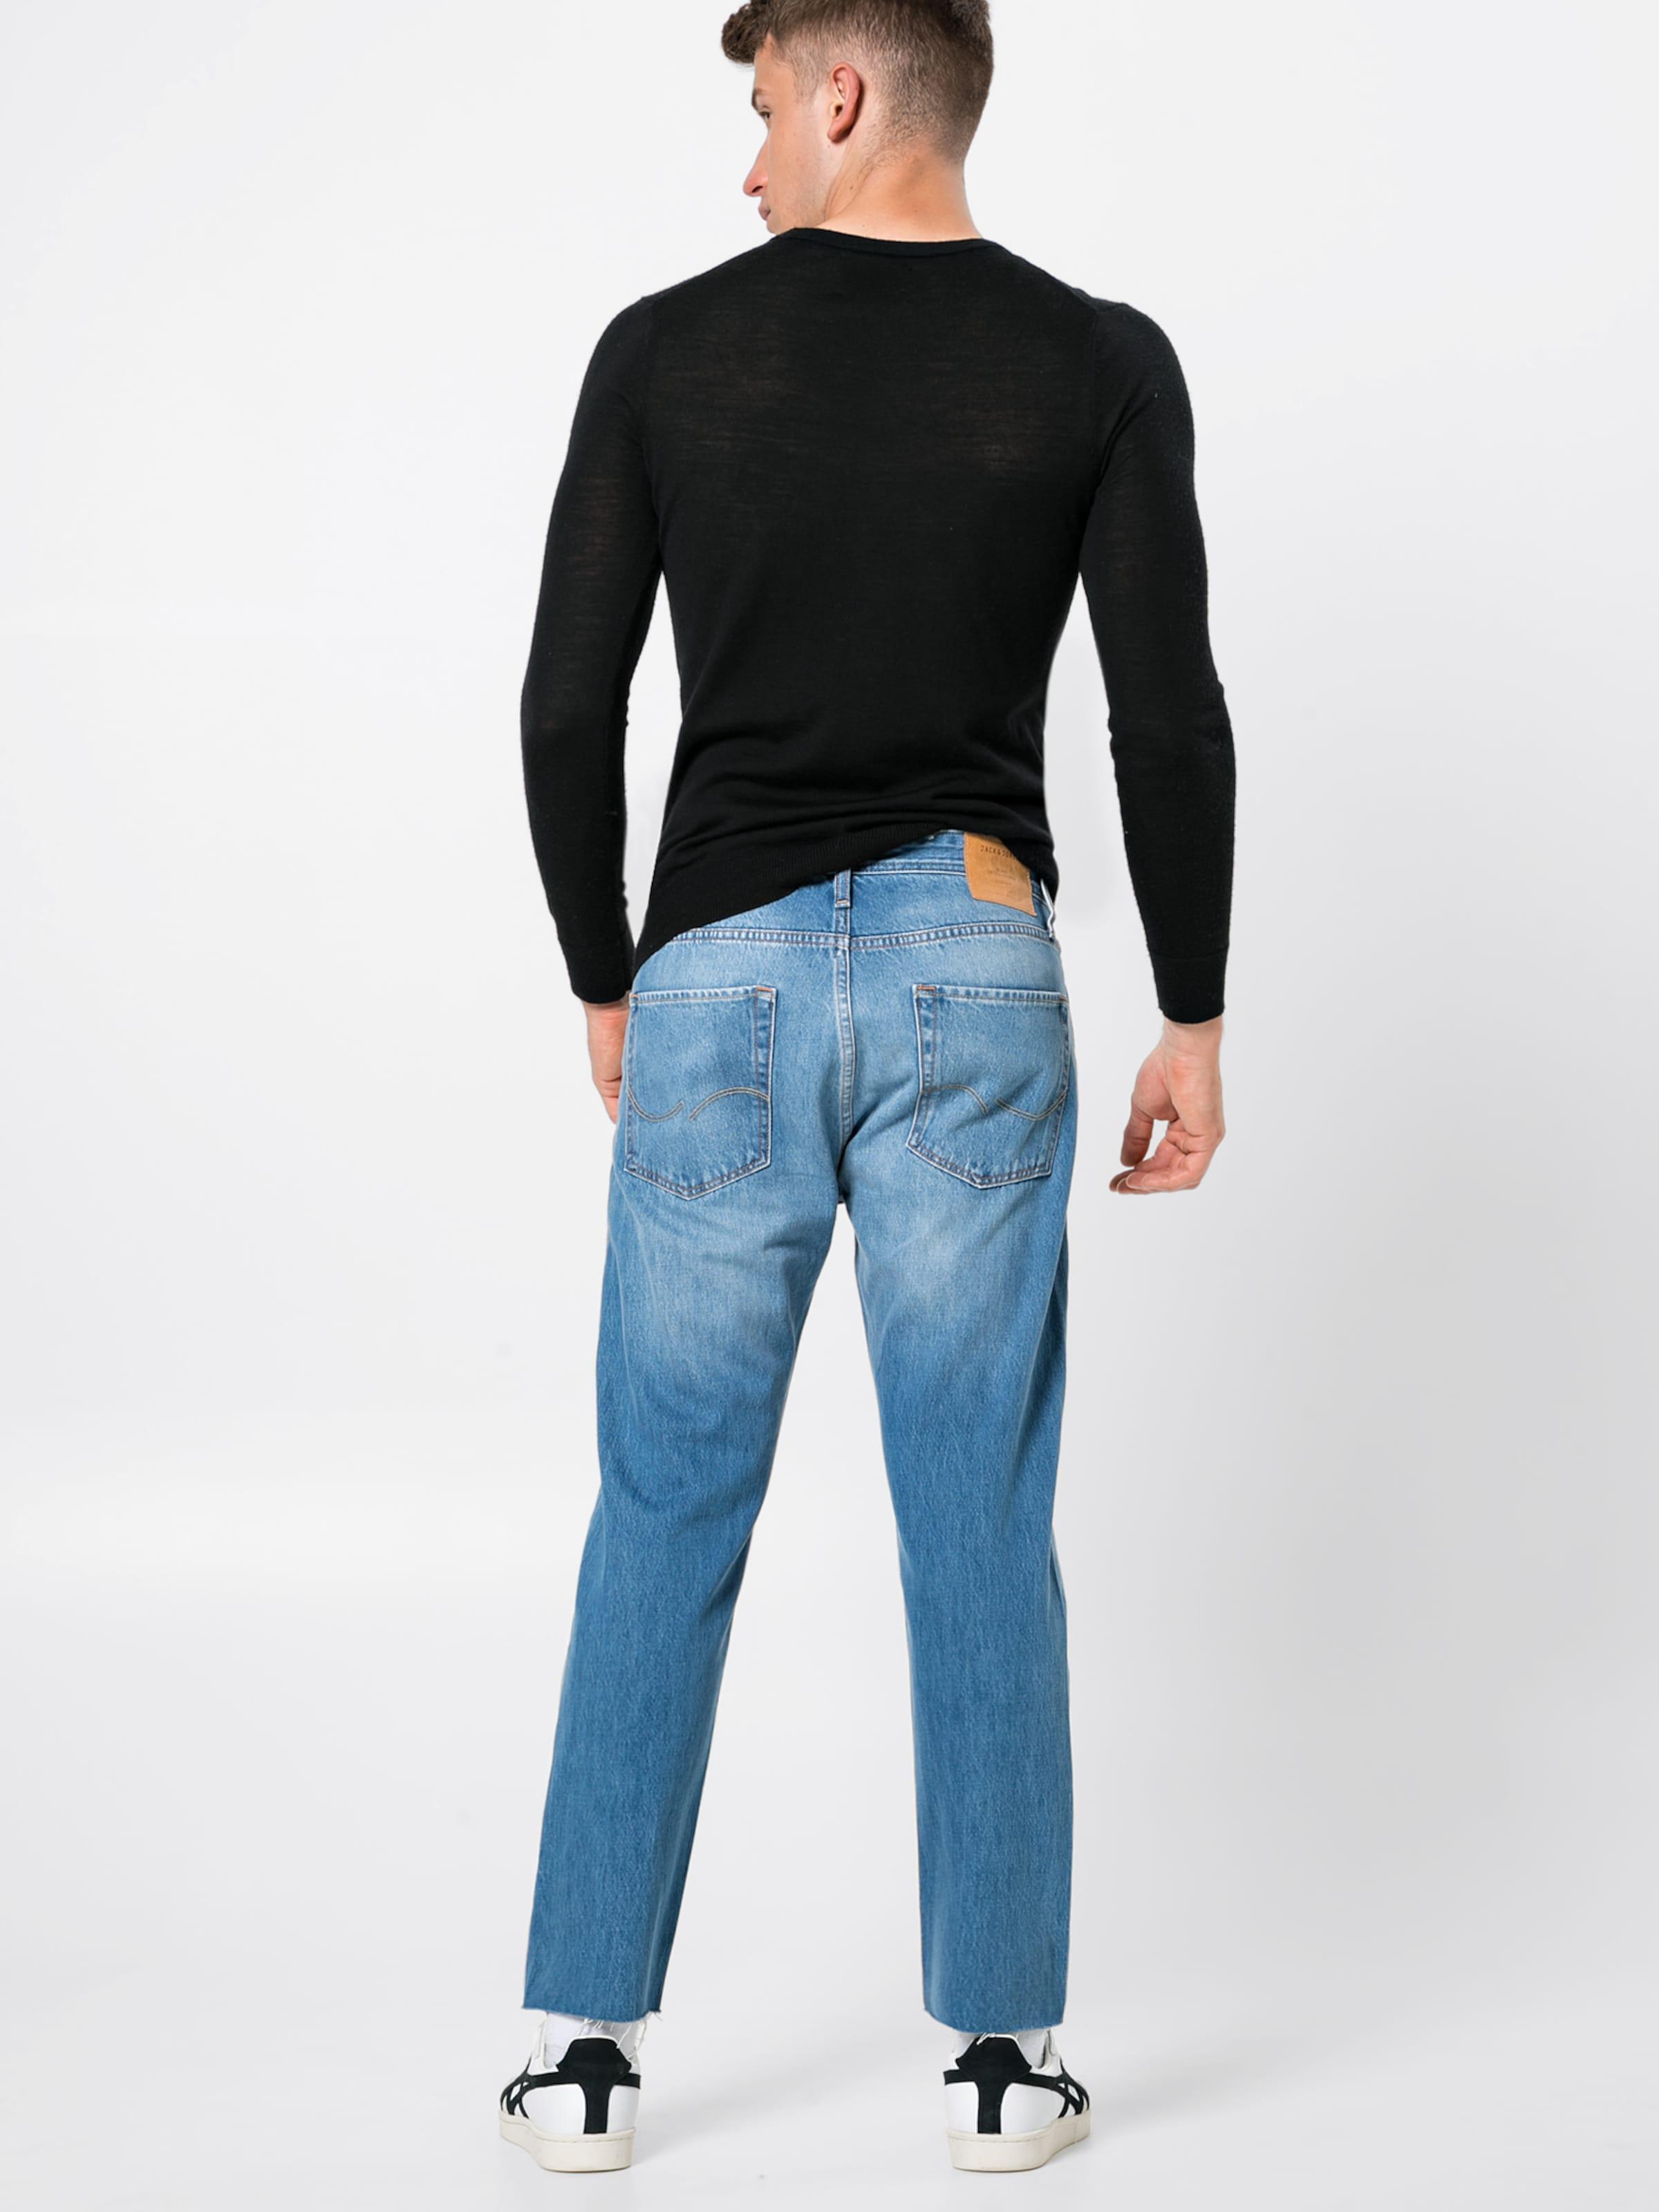 Ltd' Jeans Cut Off Jjoriginal Jones Blue 073 'jjifred Jackamp; Denim Cr In Nn80Ovmw